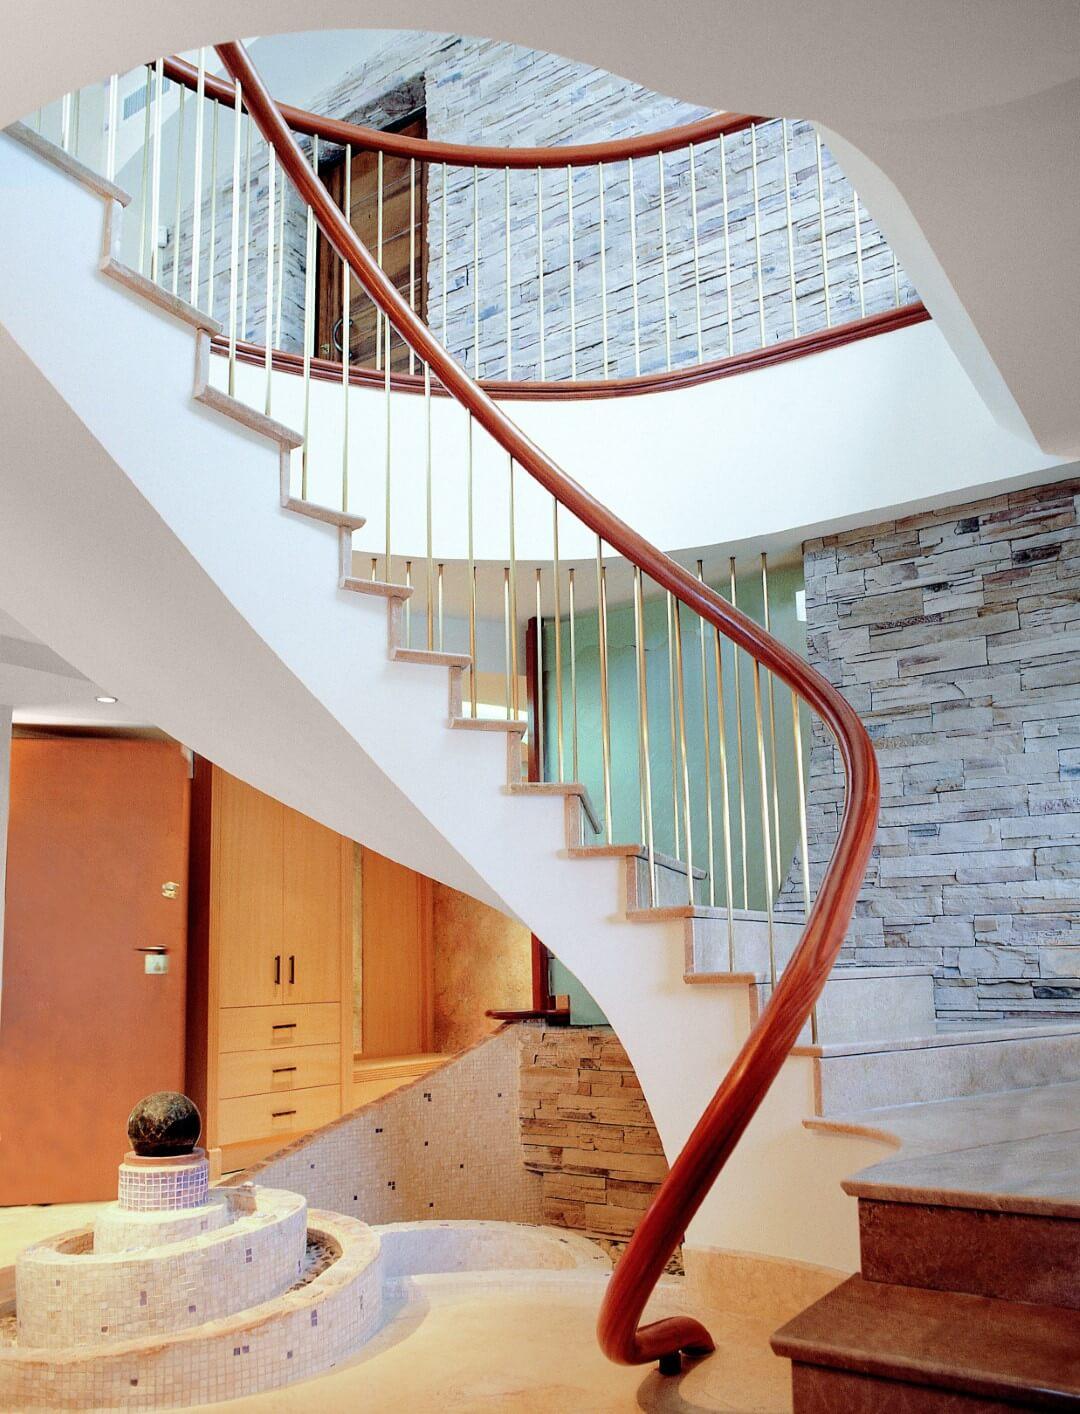 מעקה עץ ספירלי שמלווה מדרגות לולייניות מקוריאן